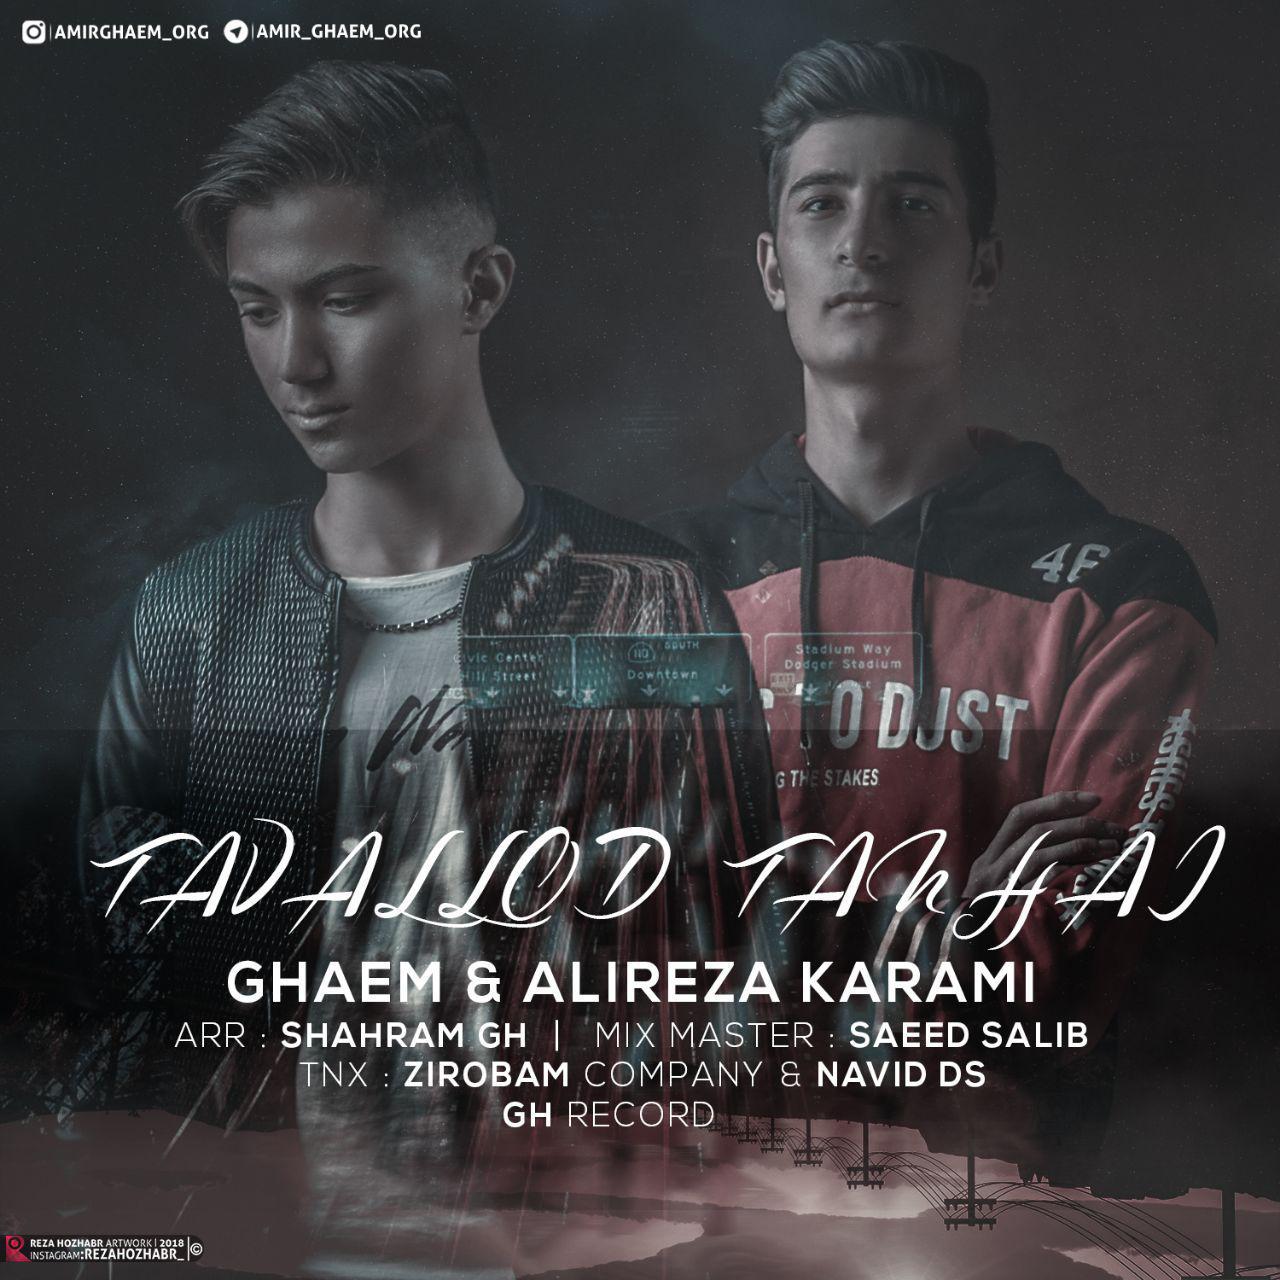 Ghaem & Alireza Karami – Tavalod Tanhaii